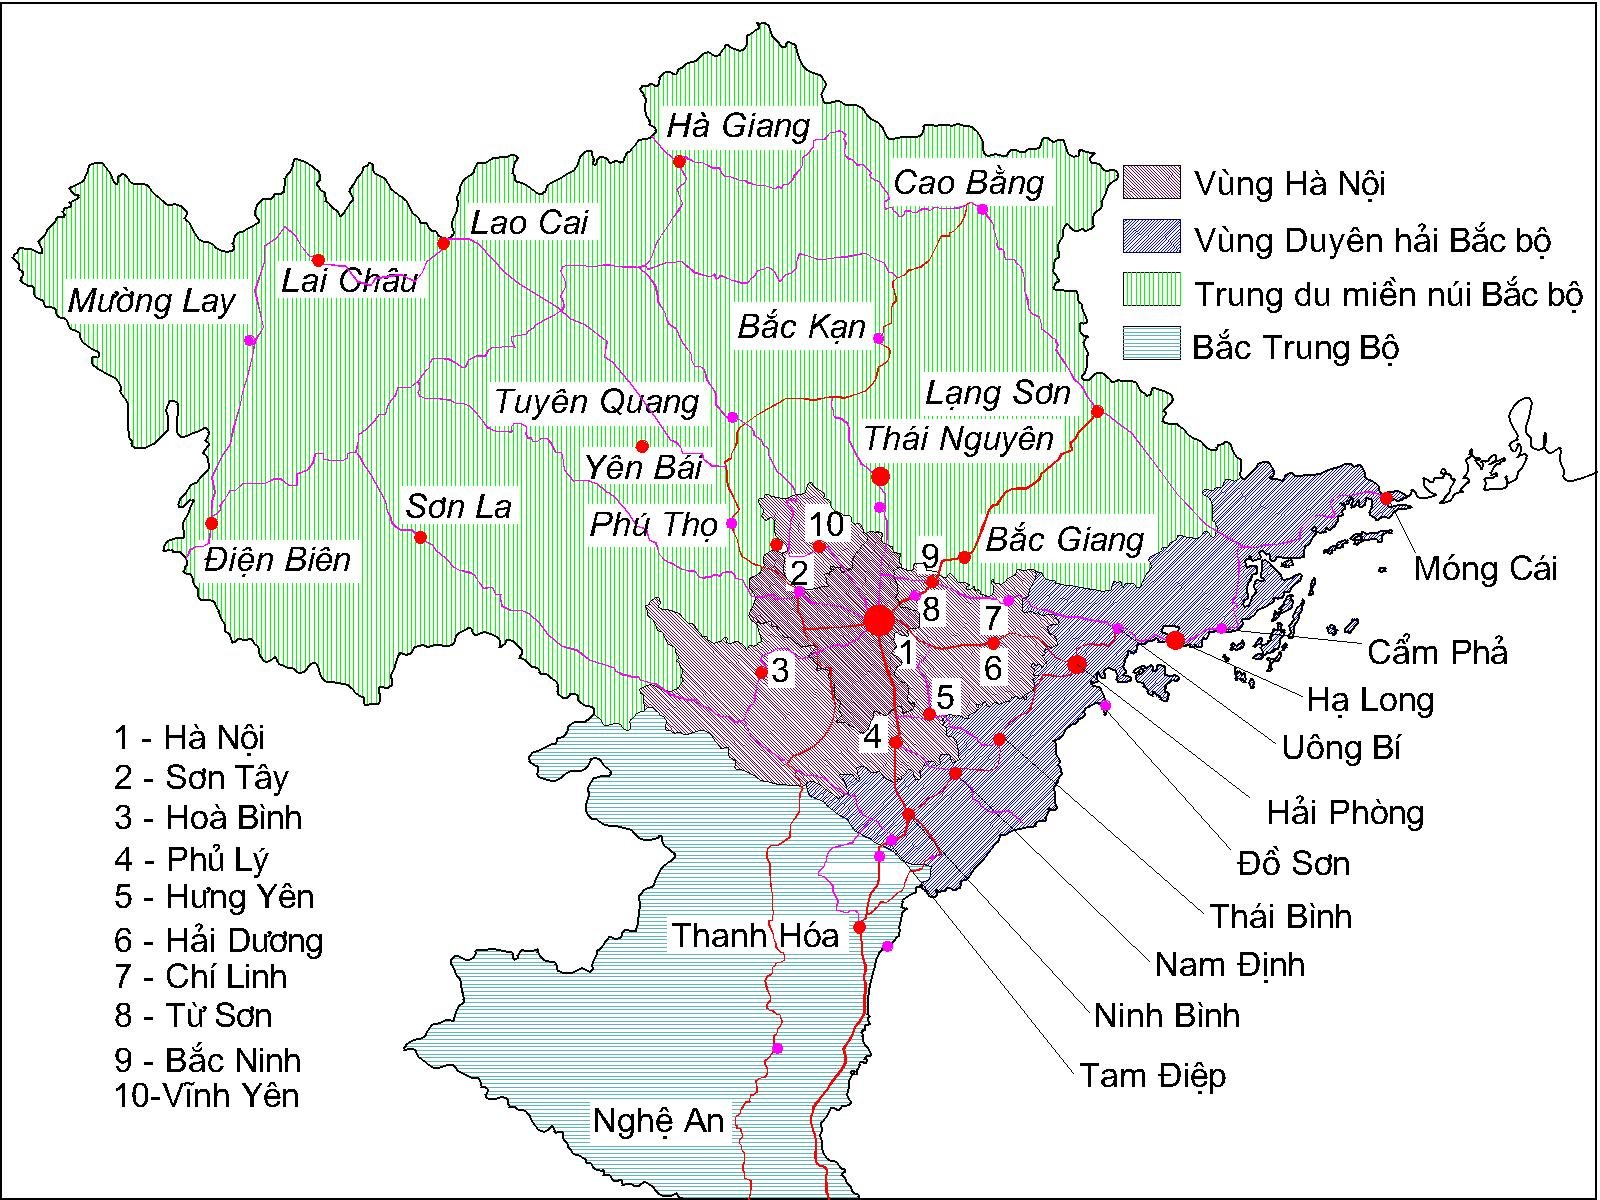 Bản đồ miền Bắc Việt Nam chia theo khu vực kinh tế